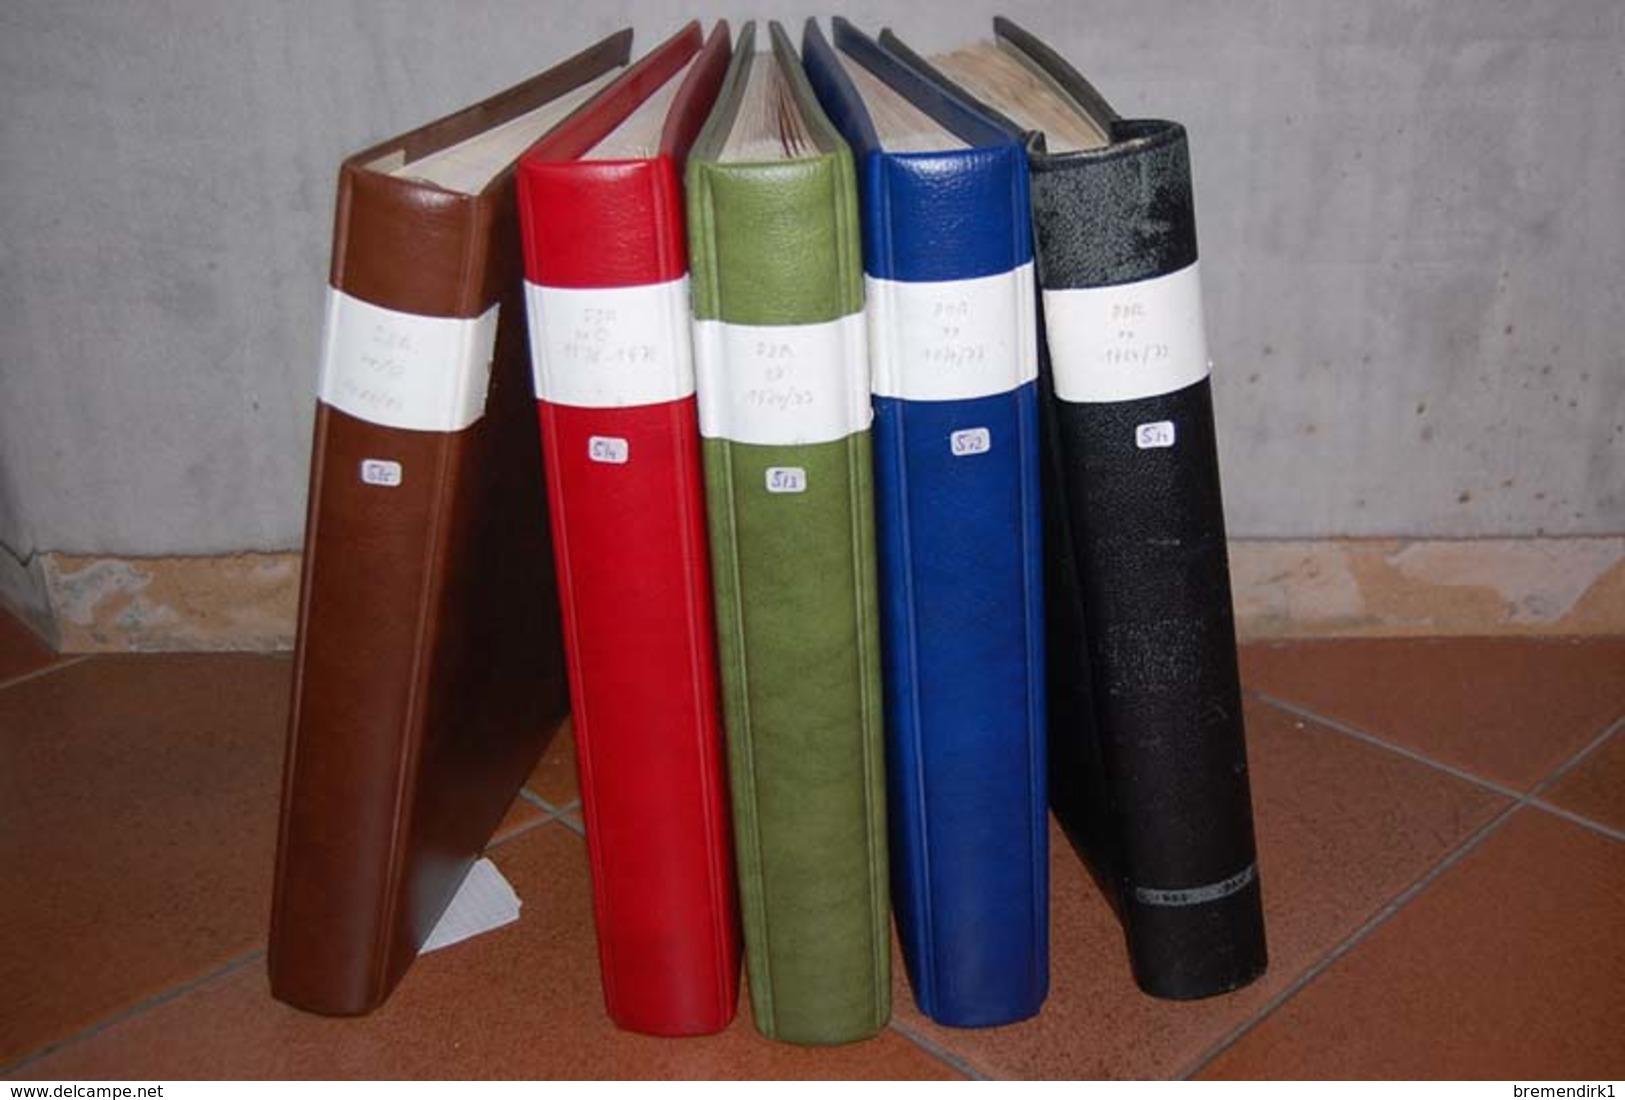 Fast 20 Kg DDR - Sammlungen Gestempelt/postfrisch In 5 Vordruckalben (hoher Neupreis Der Alben), 282 Bilder  ....111 (0) - Lots & Kiloware (min. 1000 Stück)